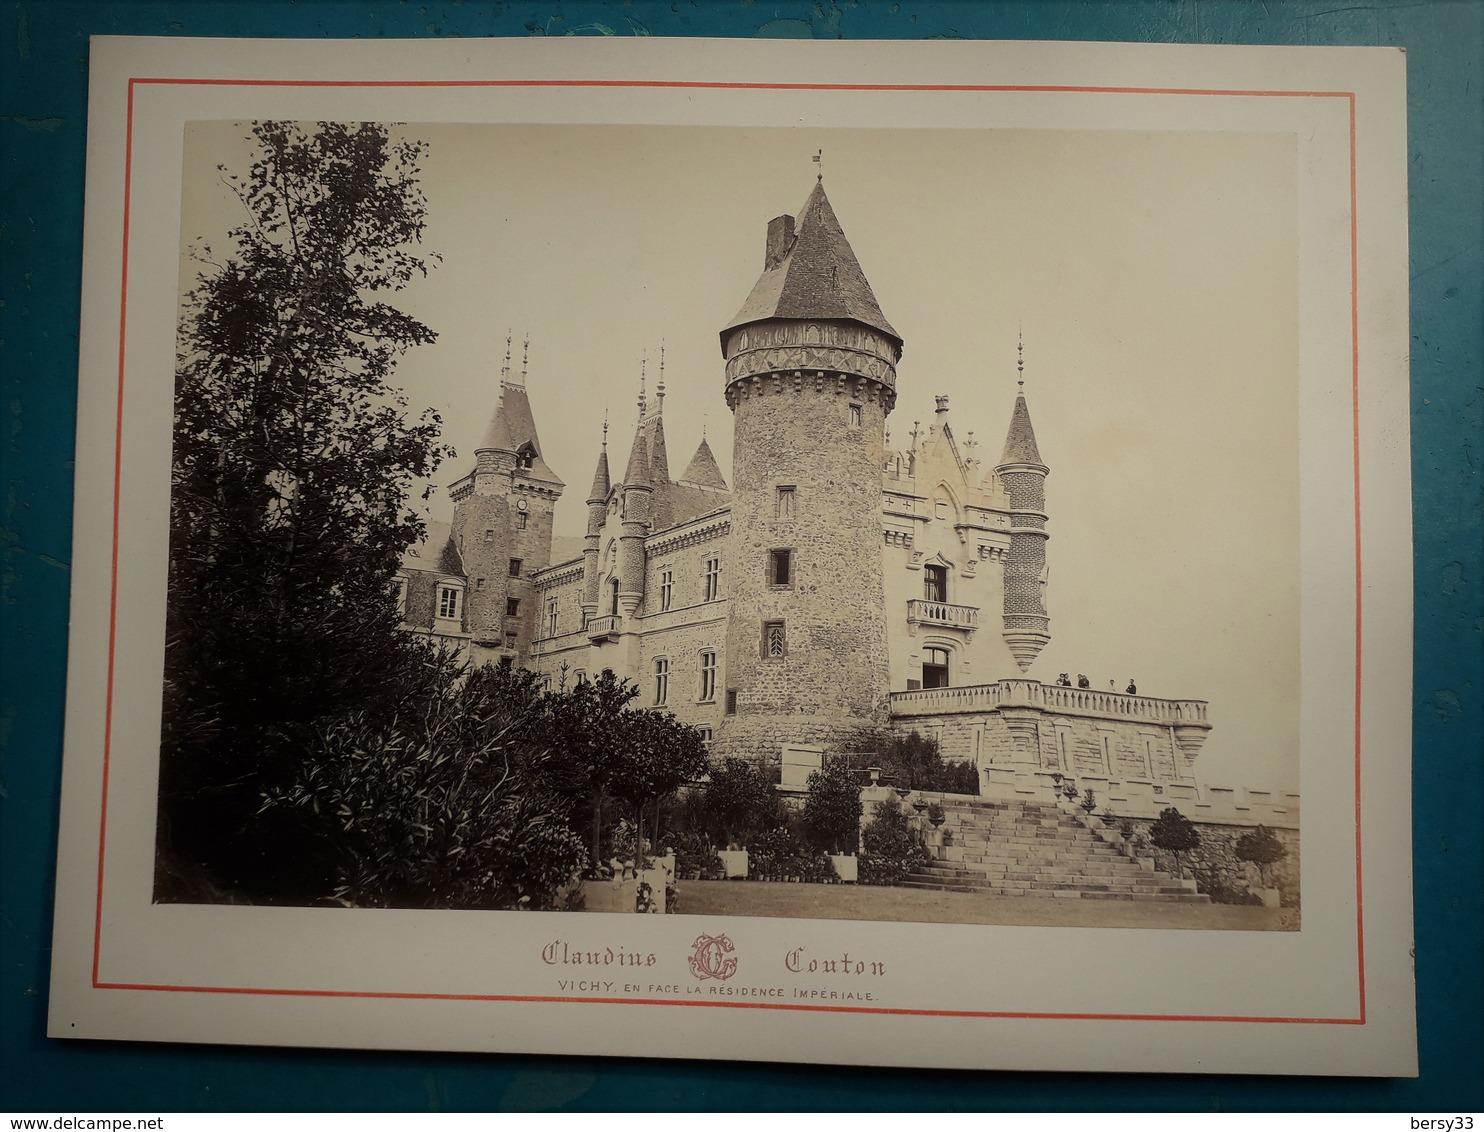 VICHY Et Ses Environs - CHATEAU DE BUSSET (Côté Est) -  Photographie Ancienne Albuminée De Claudius Couton - Photos